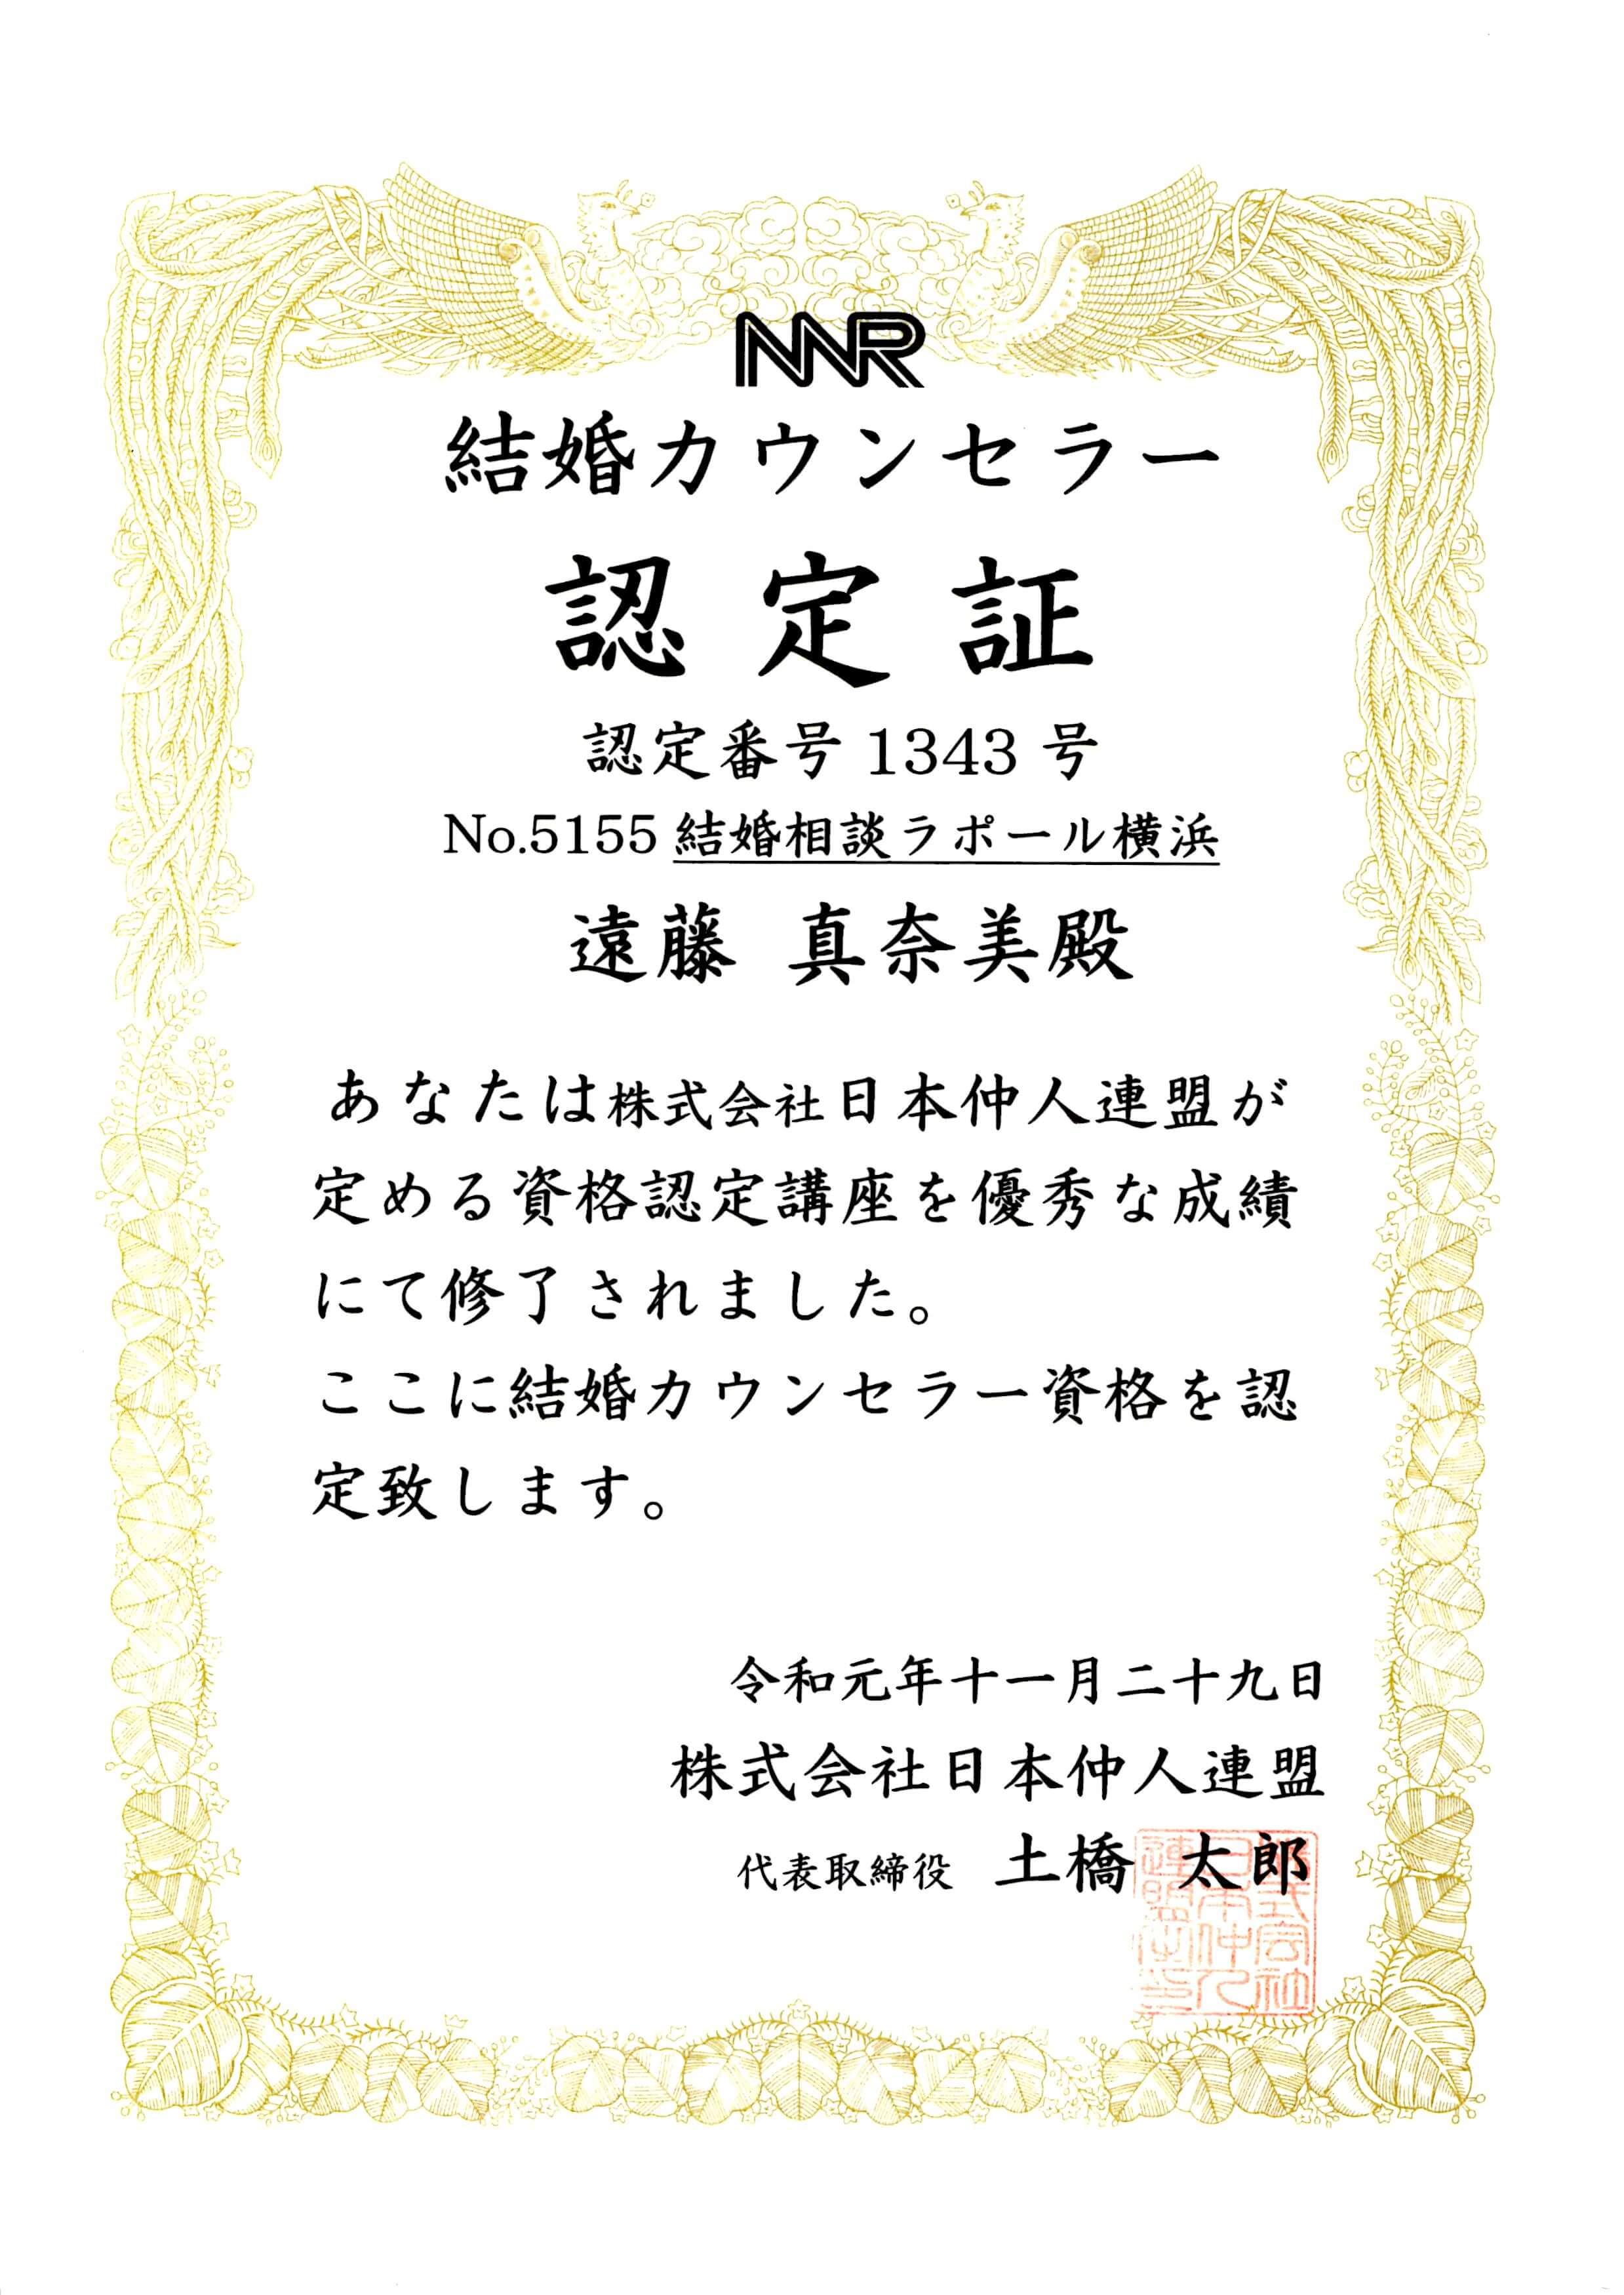 日本仲人連盟結婚カウンセラー資格認定書(遠藤まなみ)